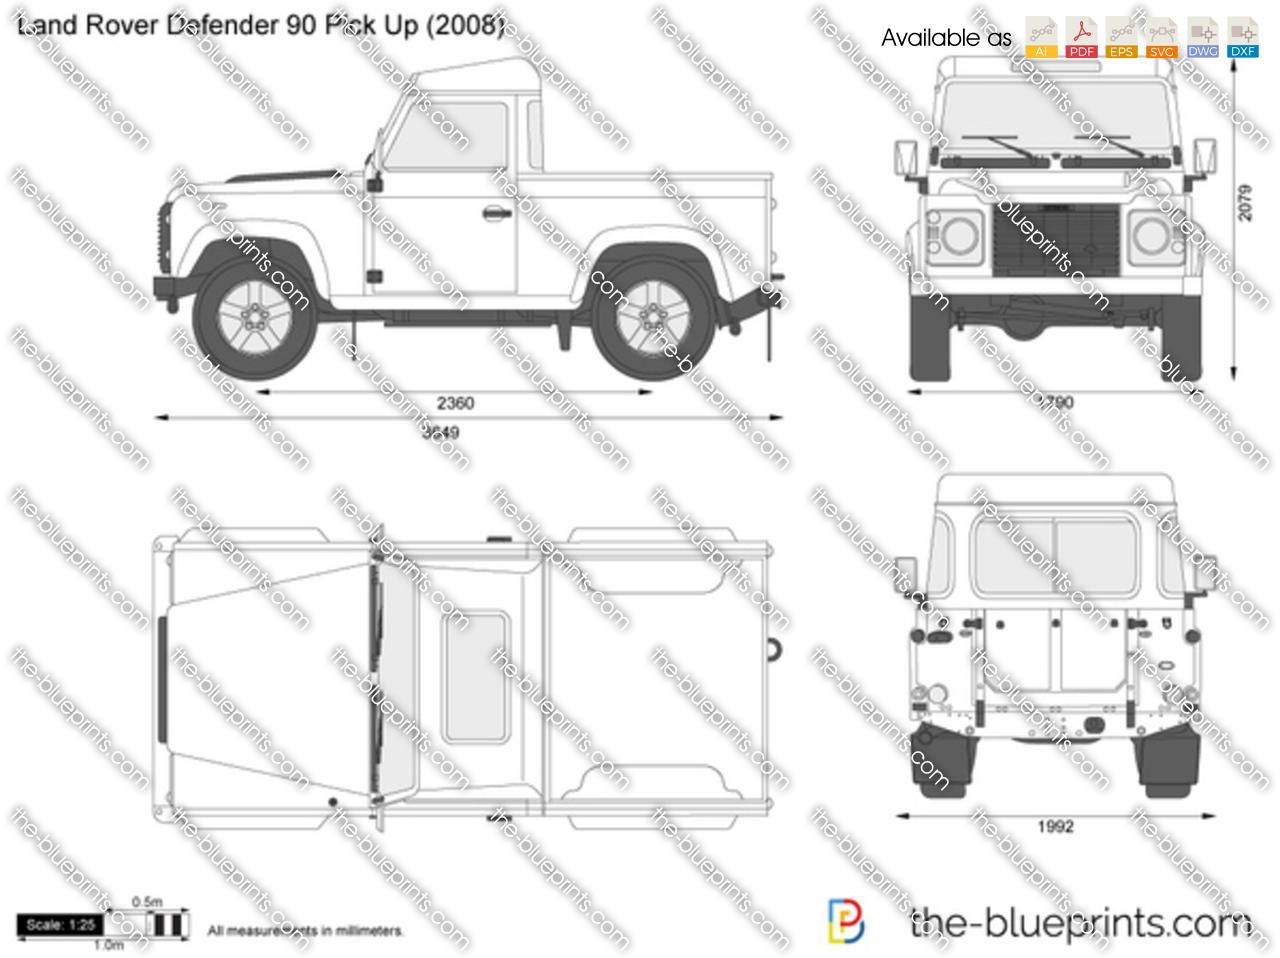 Land Rover Defender 90 Pick Up 2016